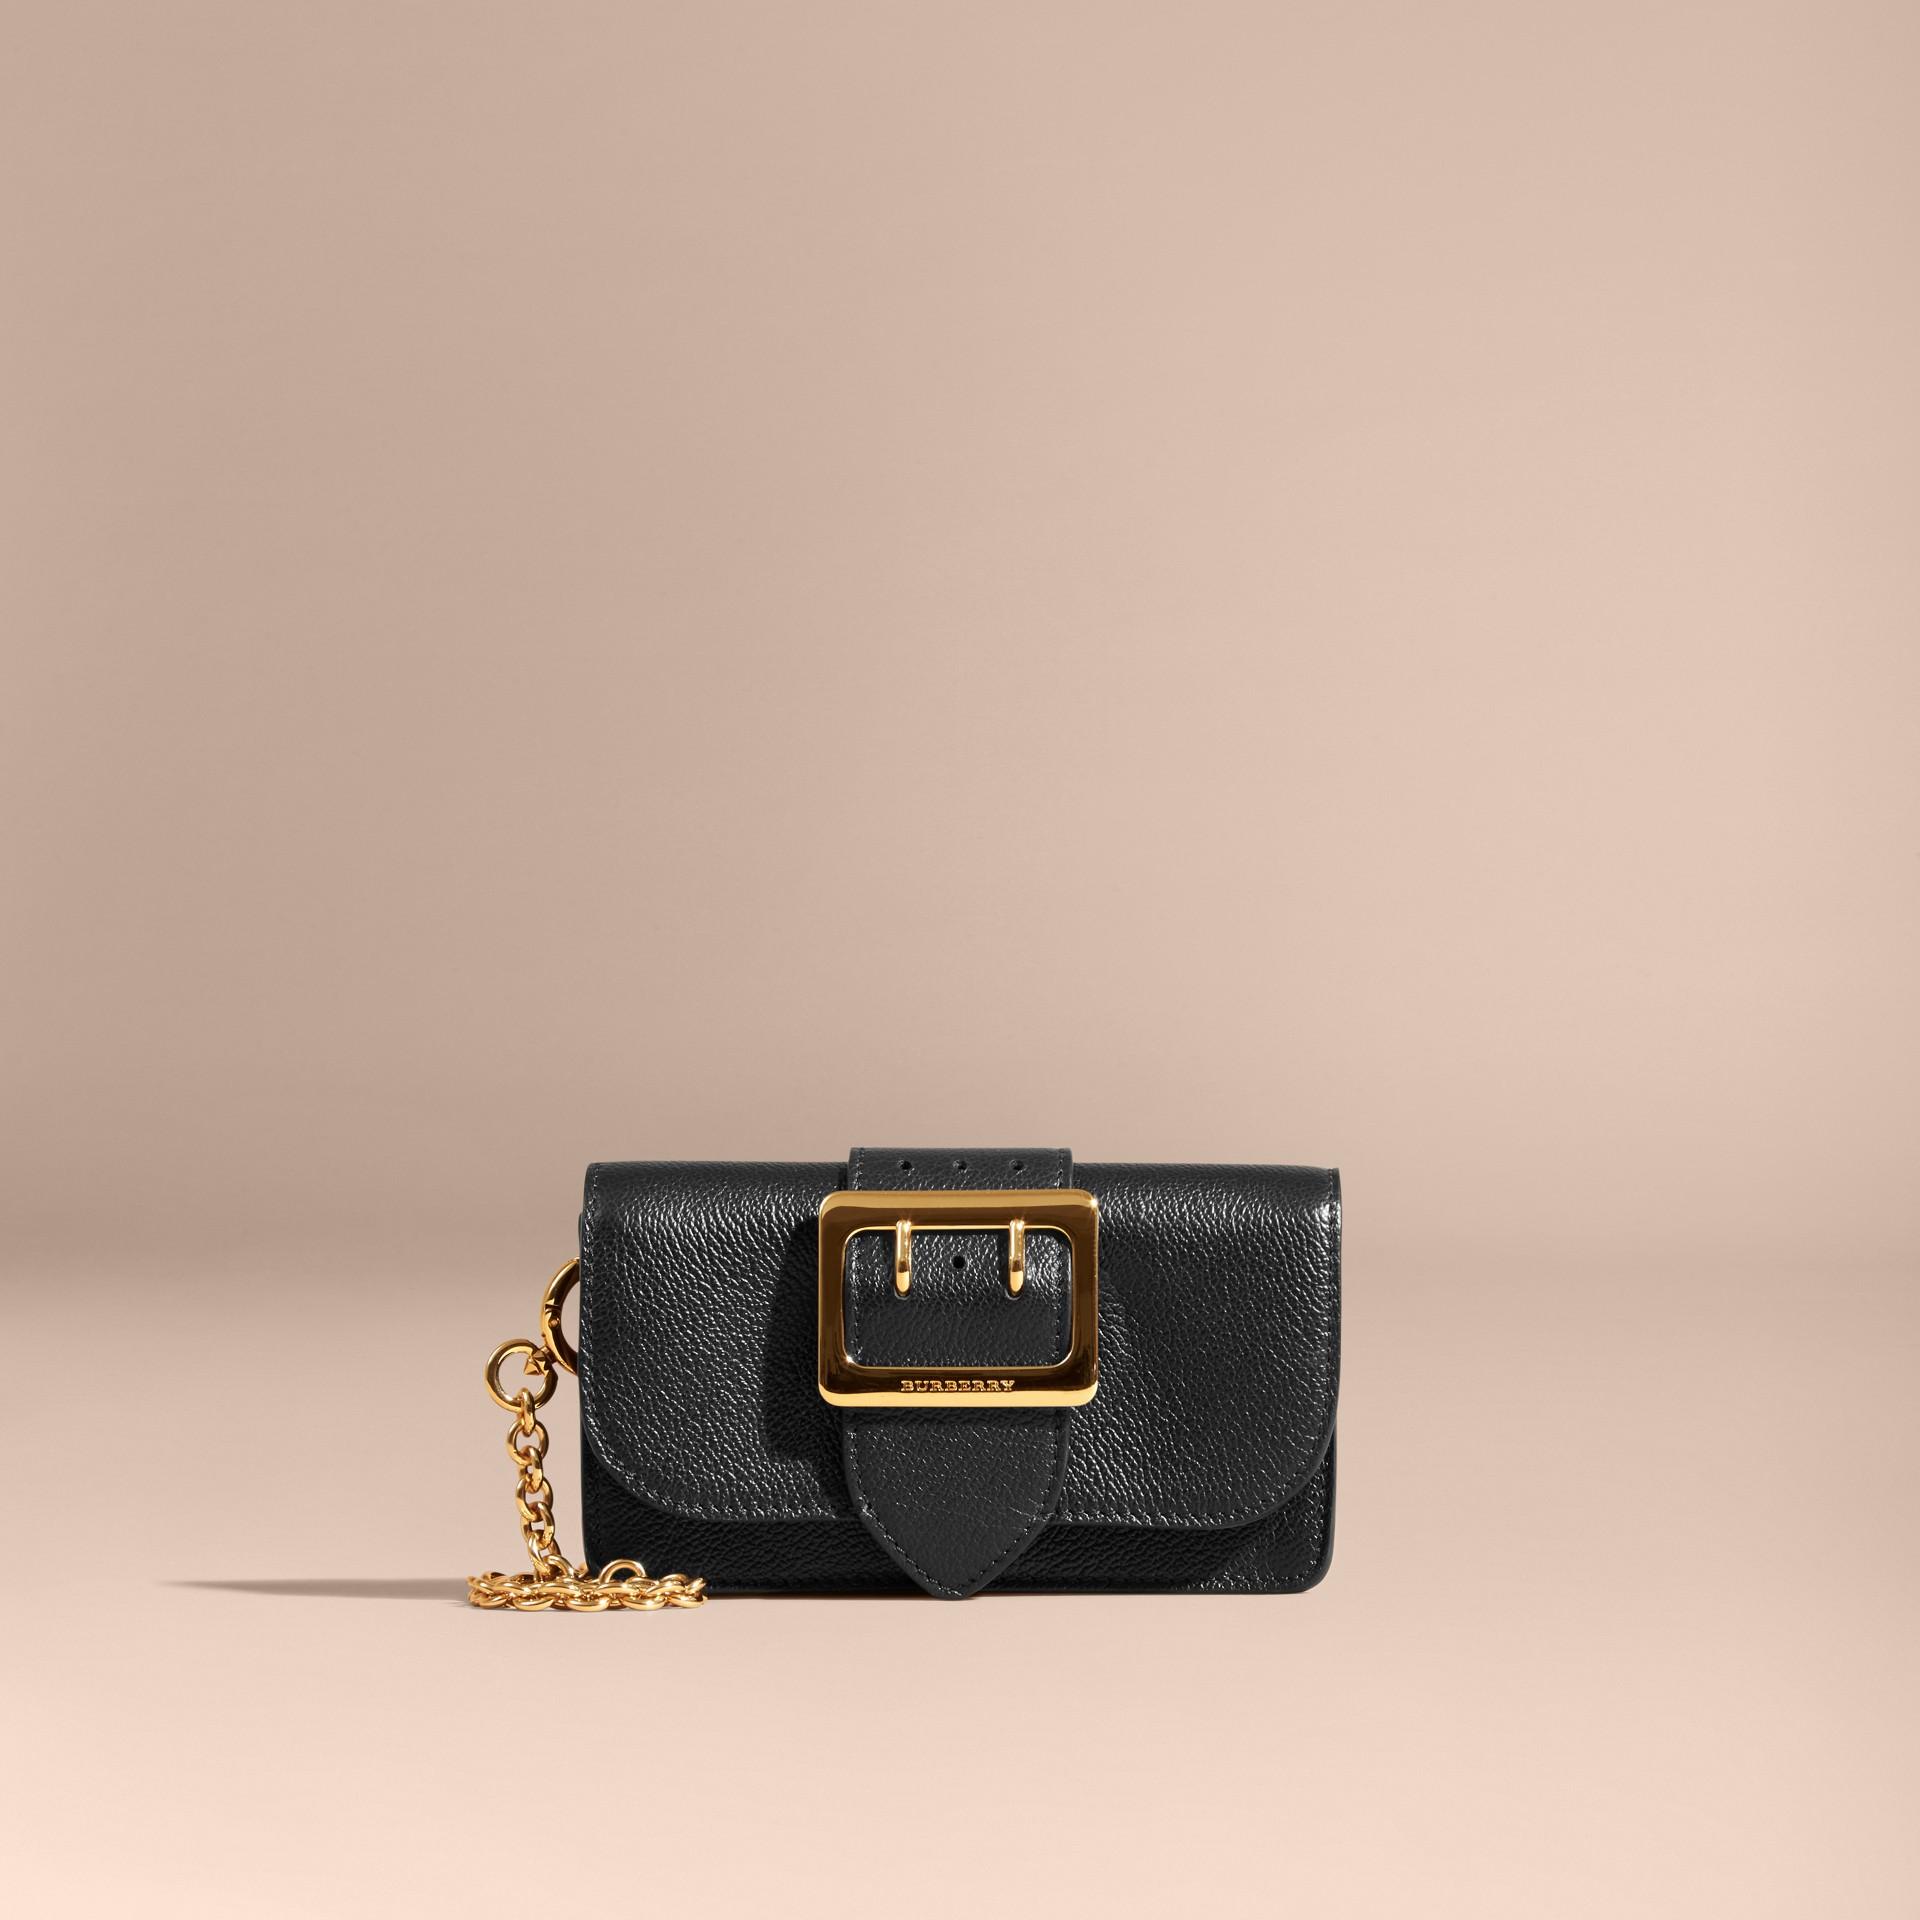 Noir Mini sac The Buckle en cuir grainé Noir - photo de la galerie 7